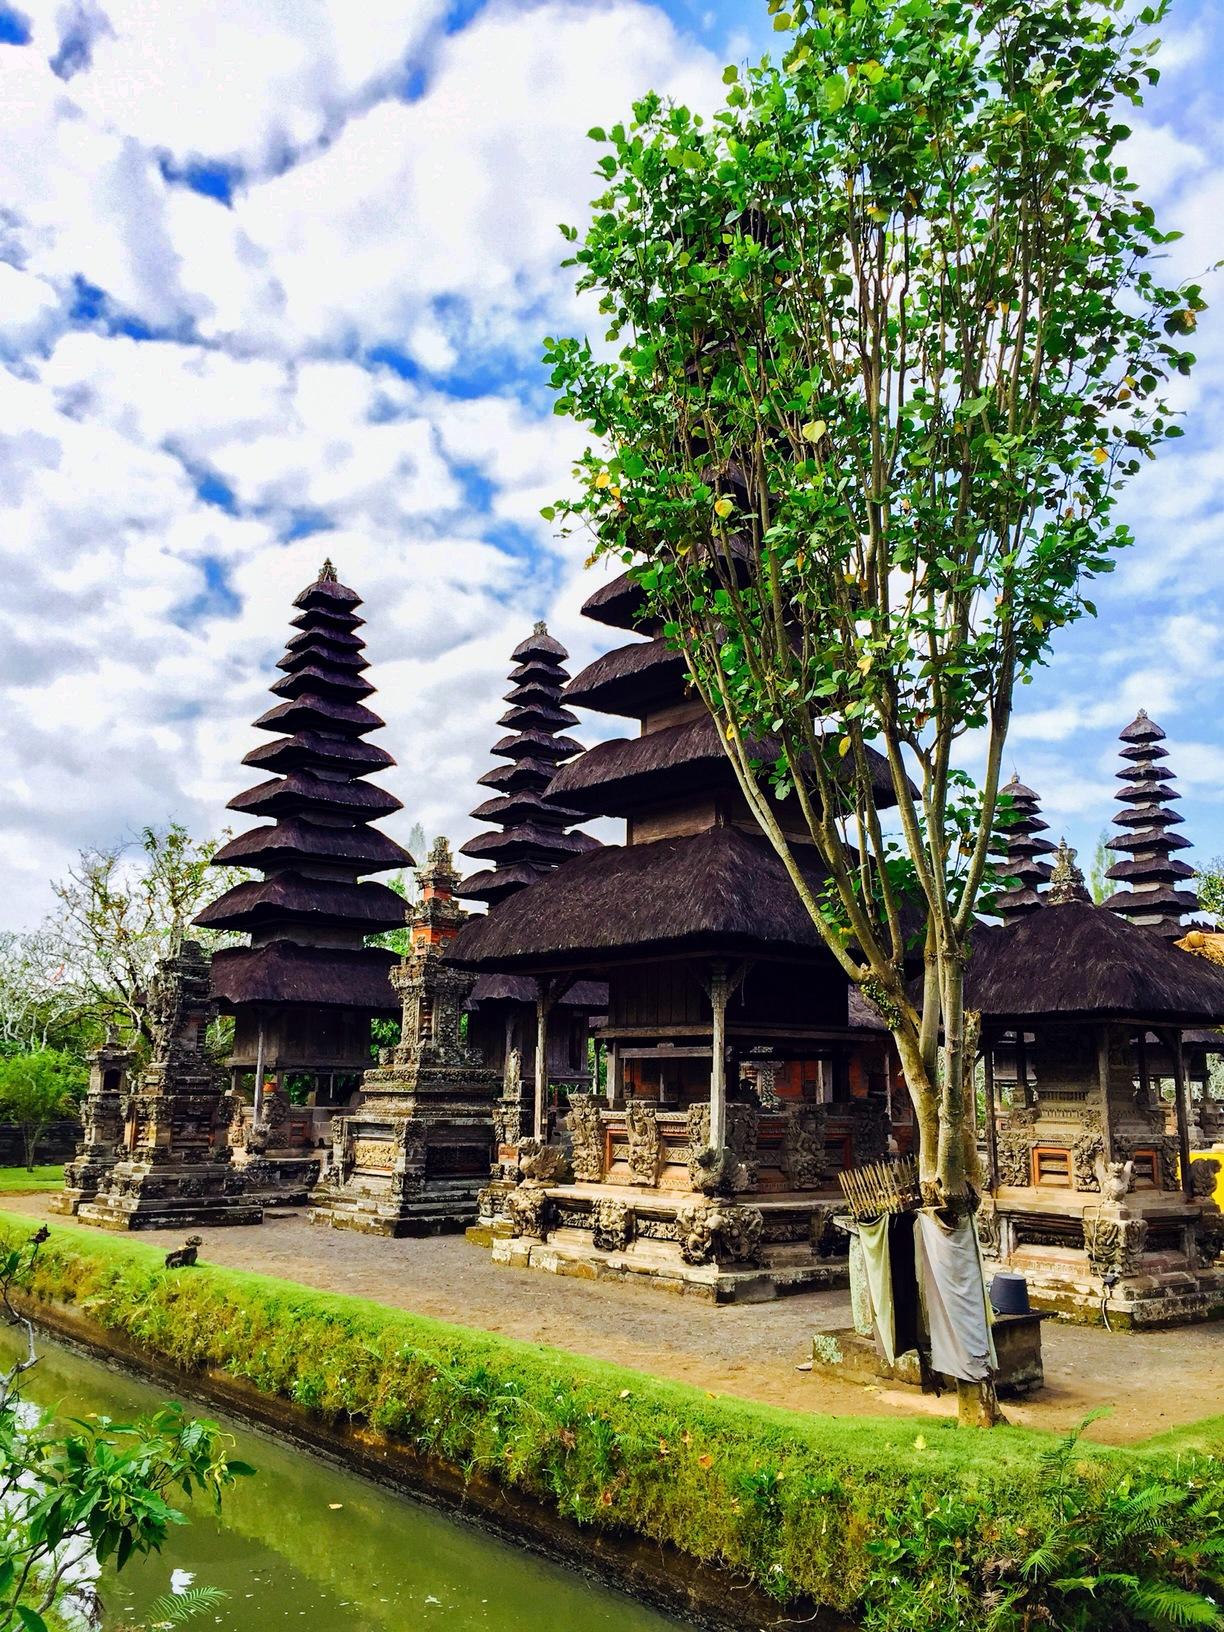 Pemerintah Kabupaten Badung Mengwi Indonesia Temples Ornaments Surrounded Water Pura